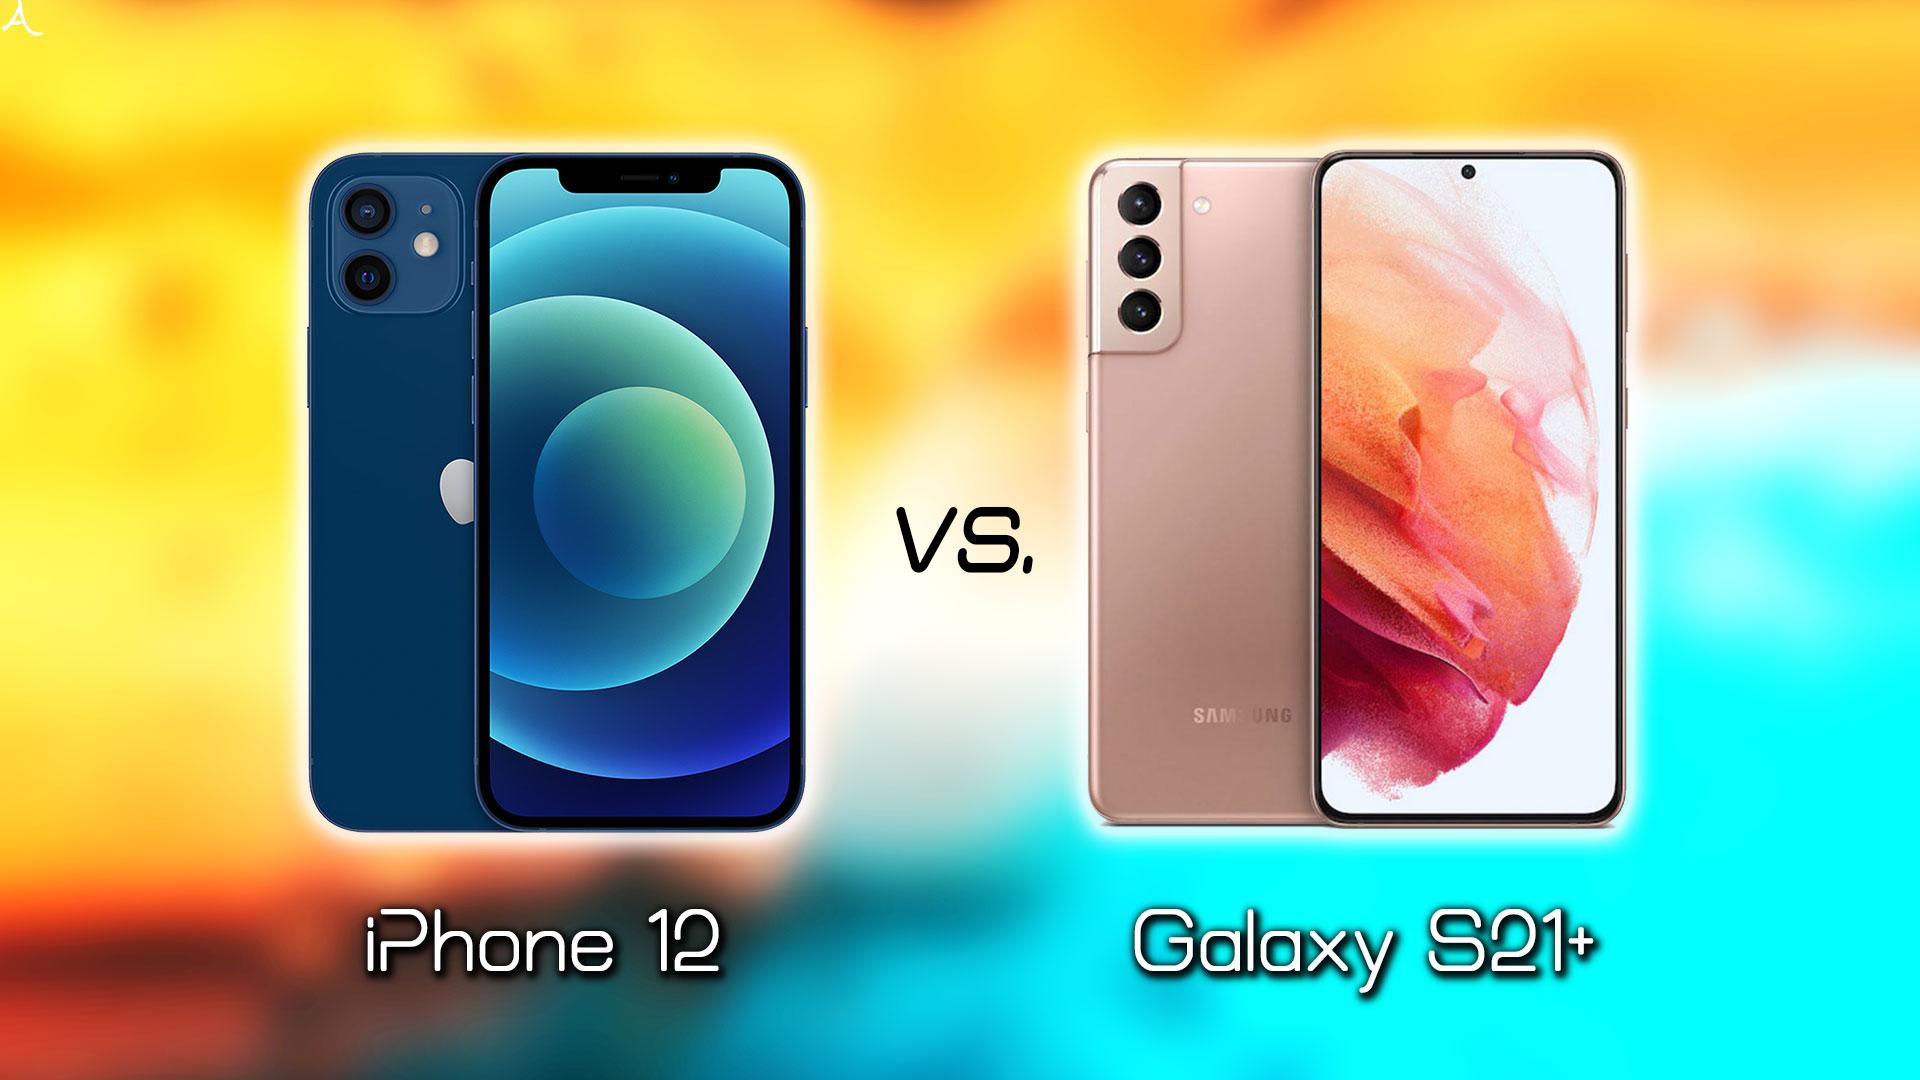 「iPhone 12」と「Galaxy S21+(プラス)」の違いを比較:どっちを買う?